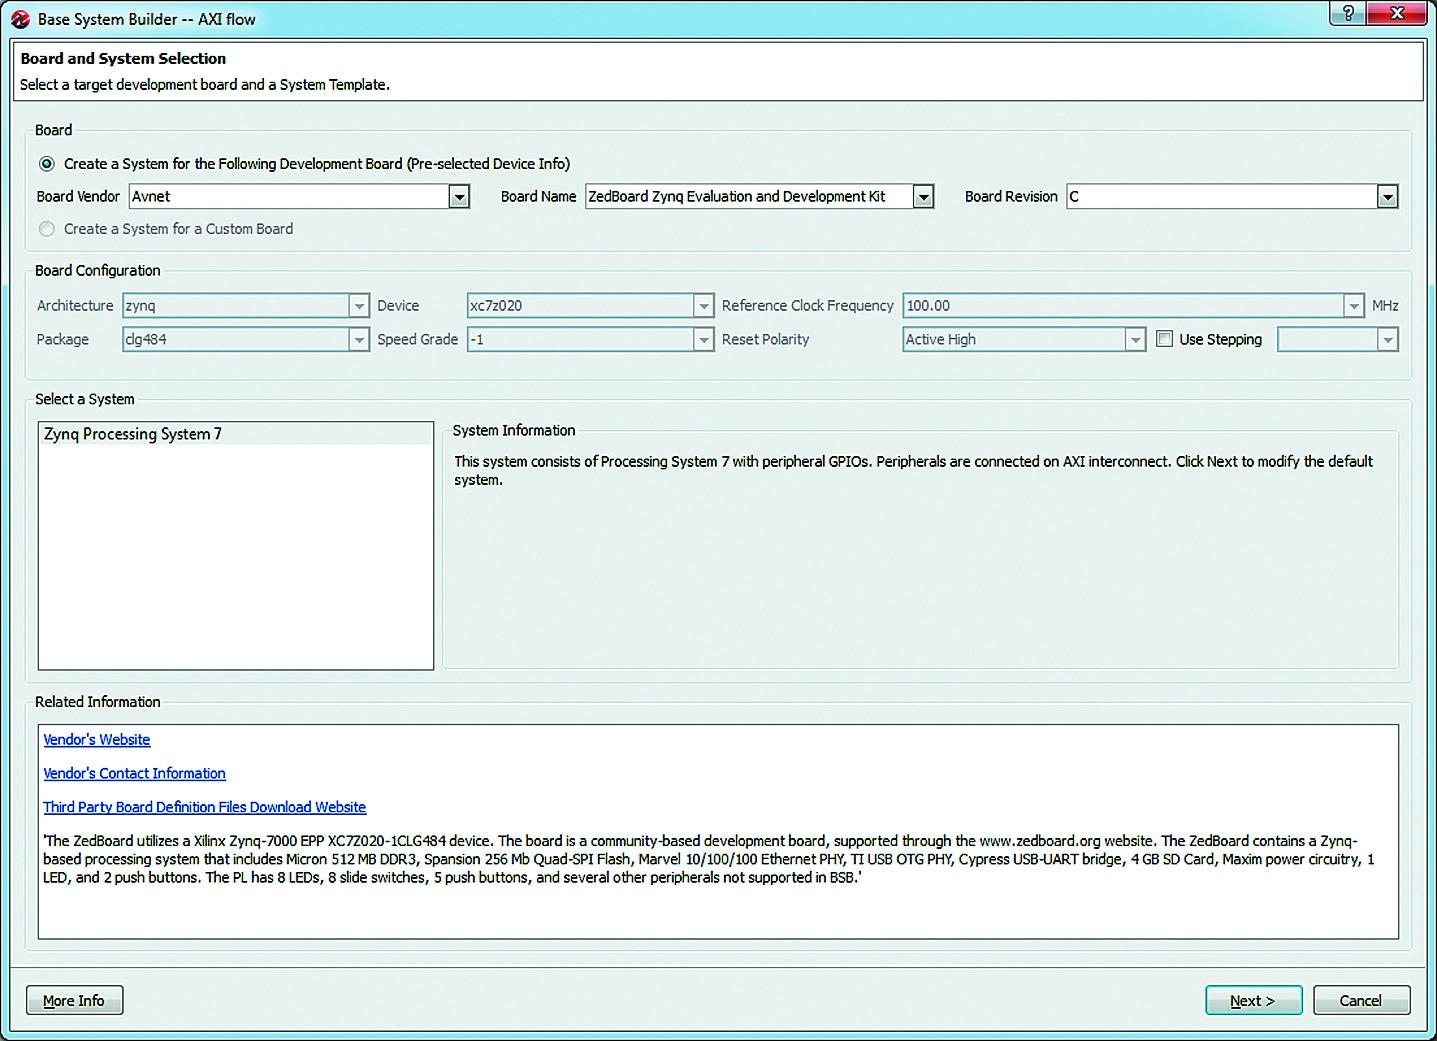 Использование «мастера» Base System Builder Wizard для подготовки спецификаций аппаратной и программной платформ разрабатываемых микропроцессорных систем